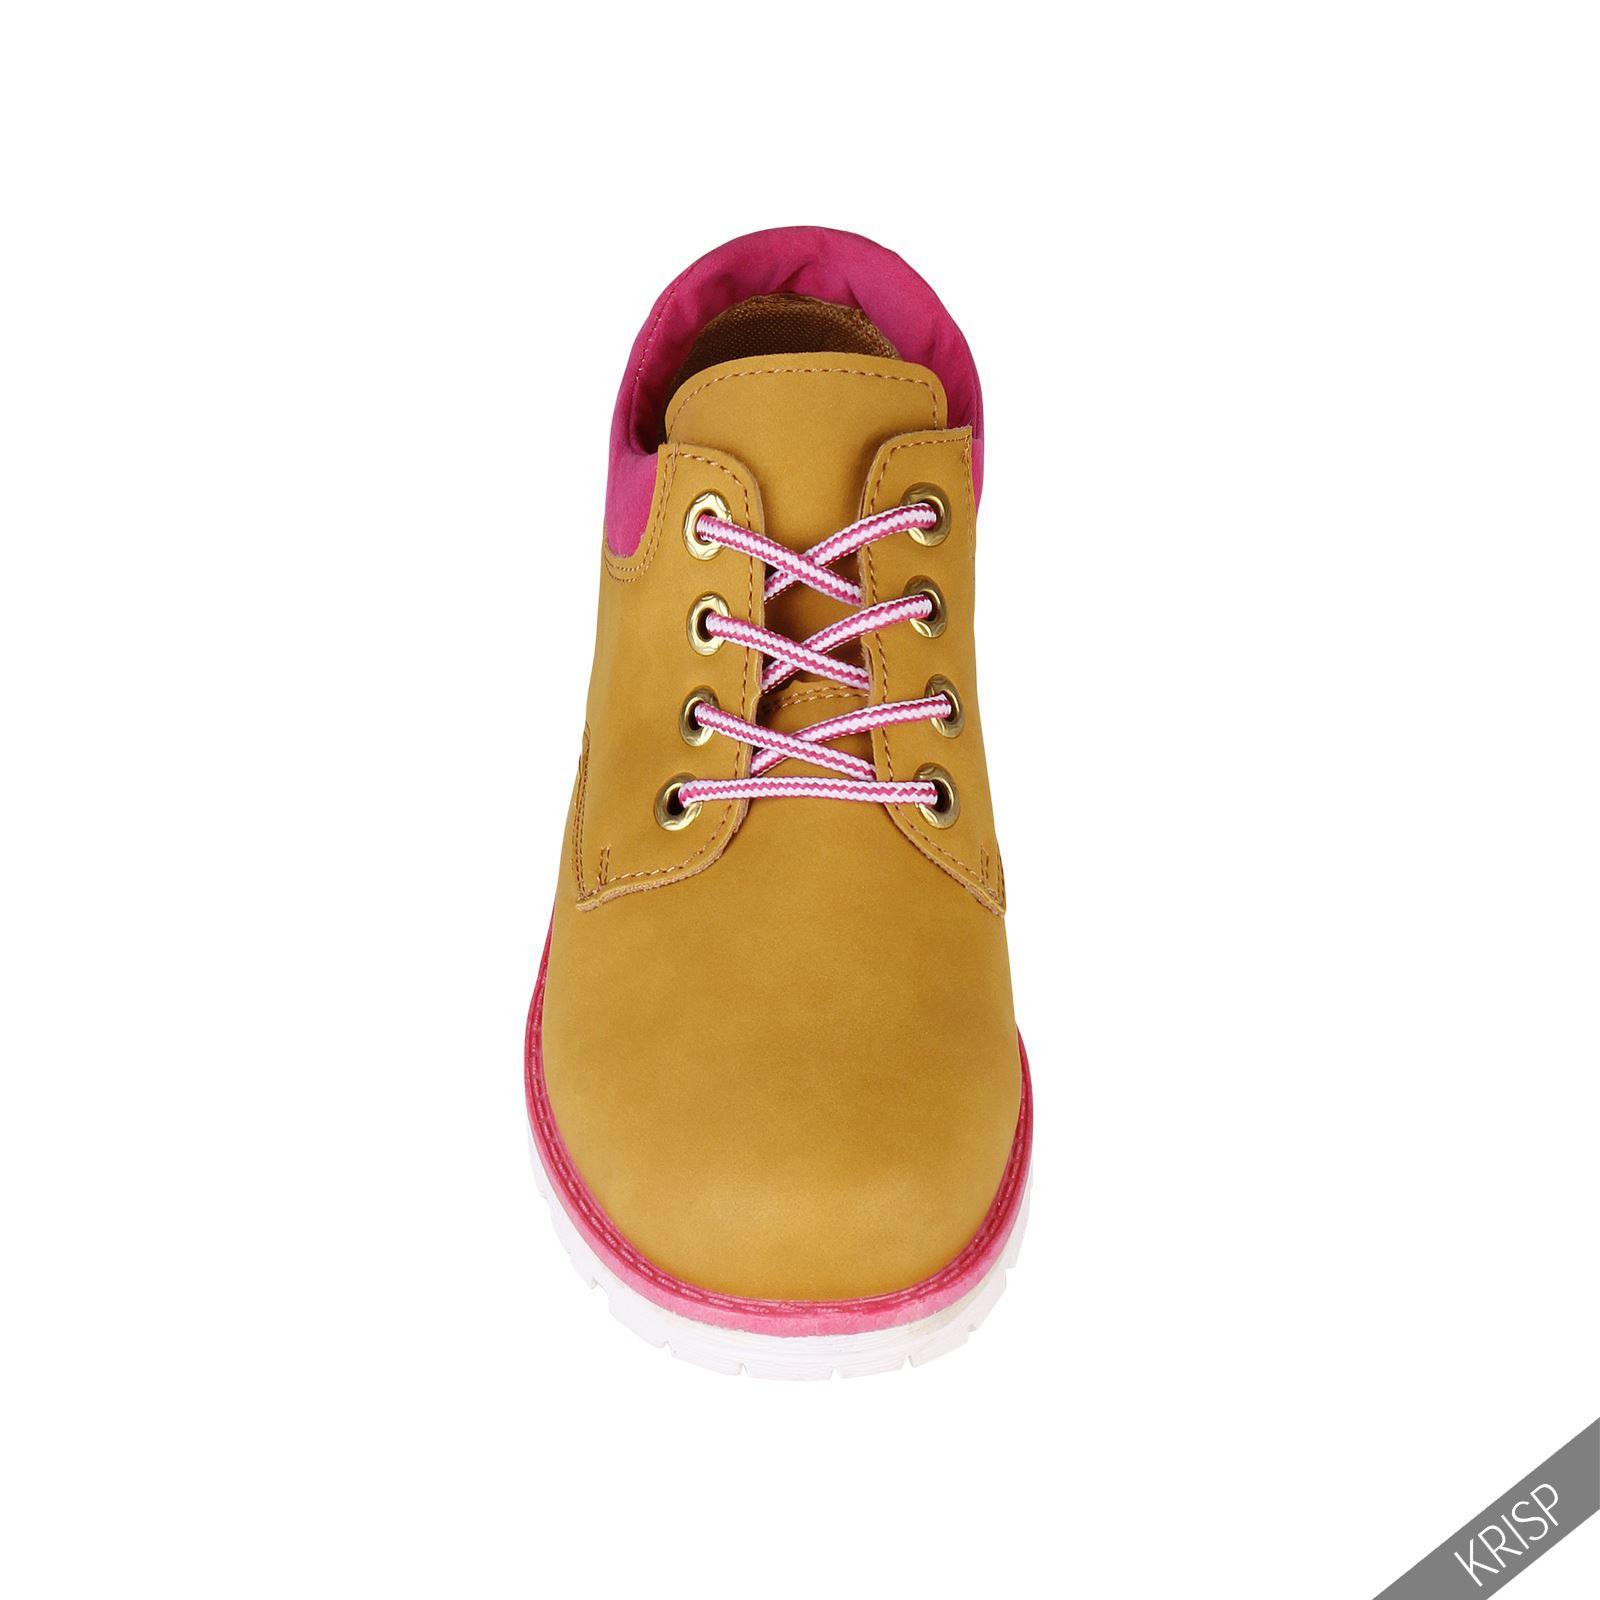 Femmes-Boots-Boyfriend-Uni-Faux-Suede-Bottes-Talon-Plat-Strass-Bottines